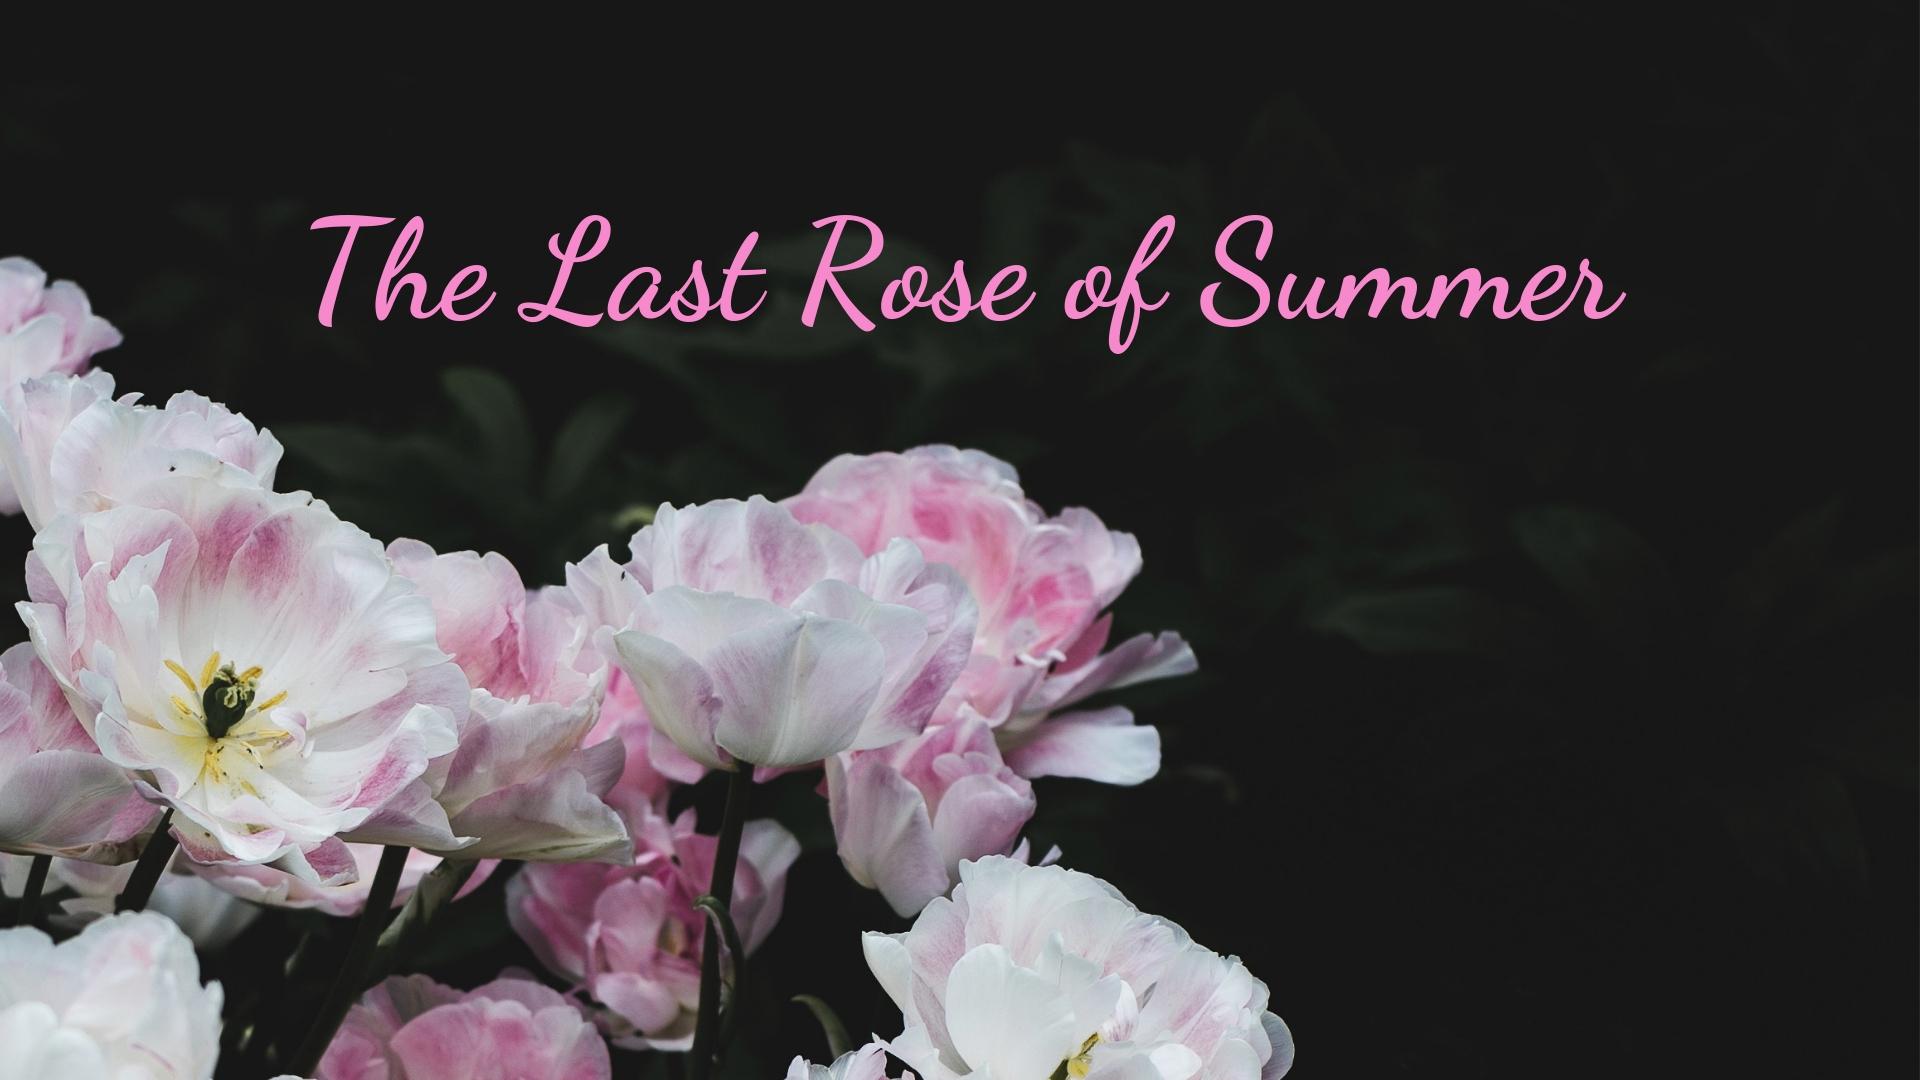 banner-the-last-rose-of-summer-02.jpg